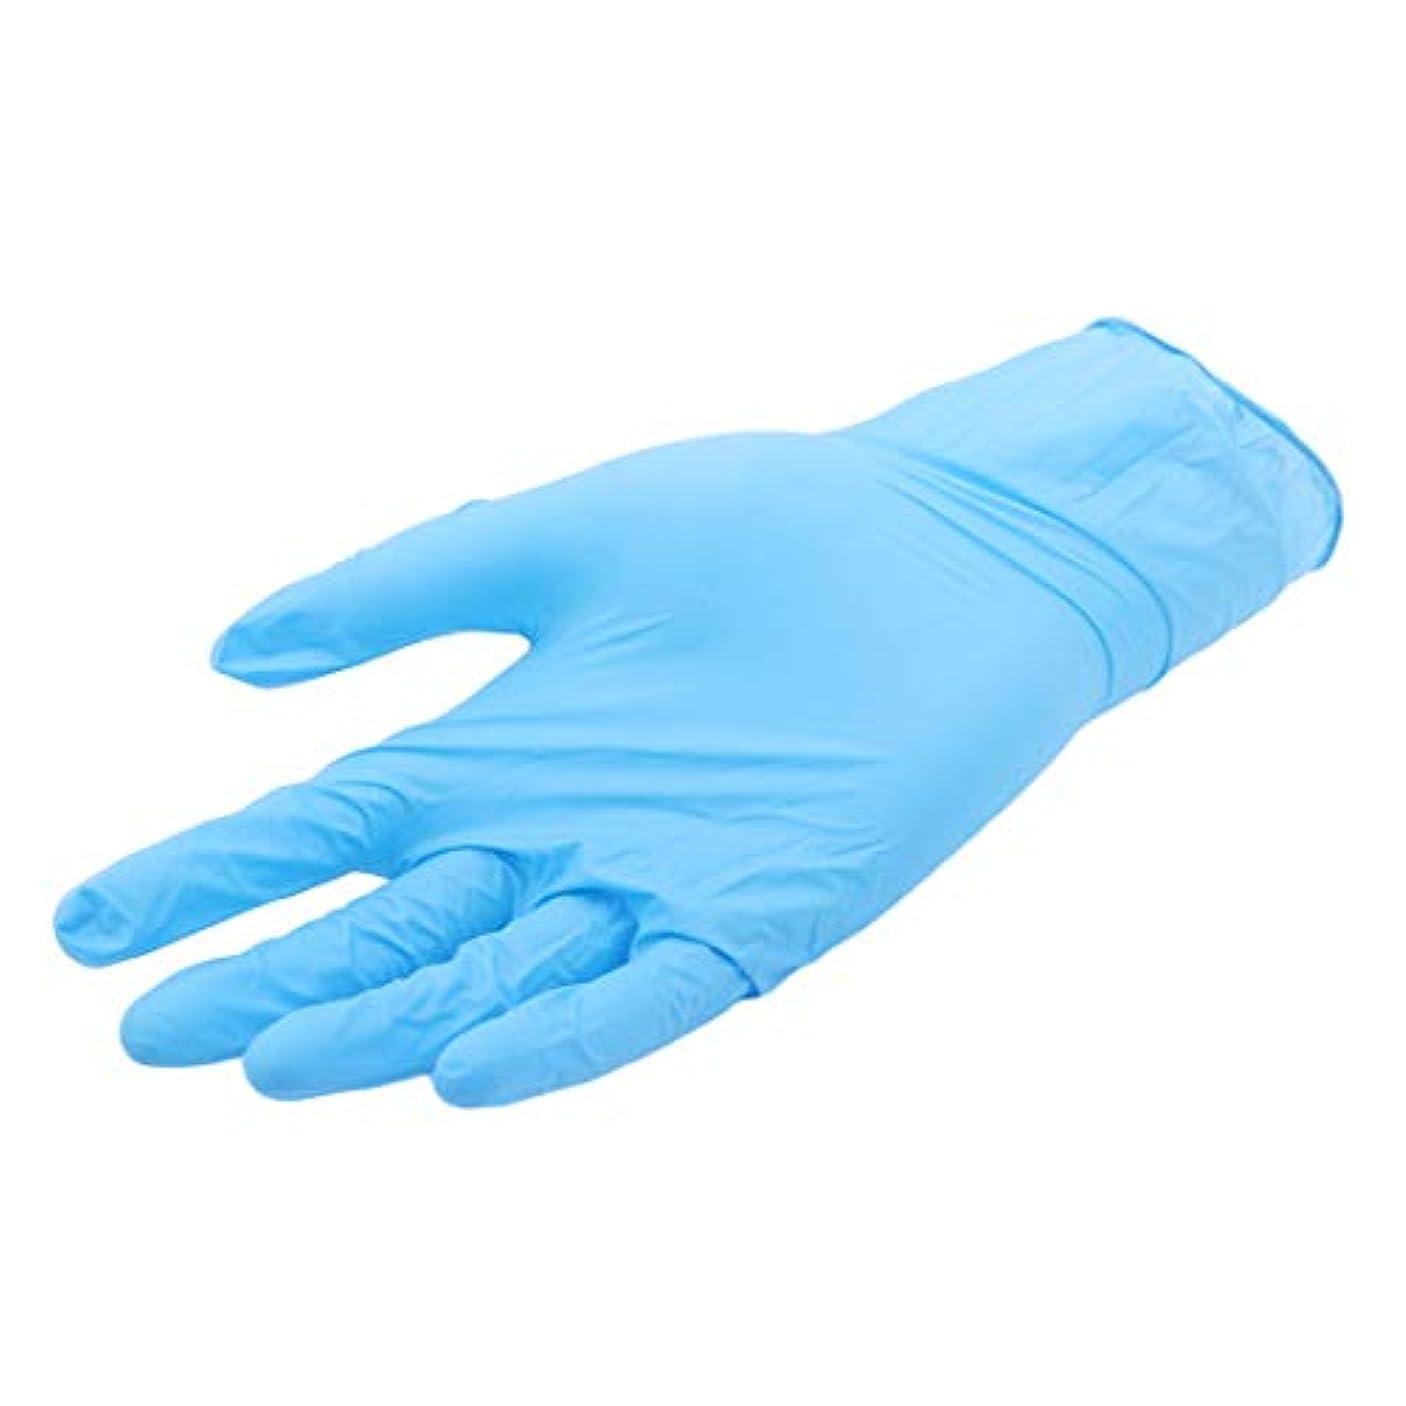 脱獄団結する領事館KLUMA ニトリル手袋 使い捨て手袋 100枚入 粉なし 薄い手袋 防水 耐油性 手荒いを防ぎ 園芸 素手感覚